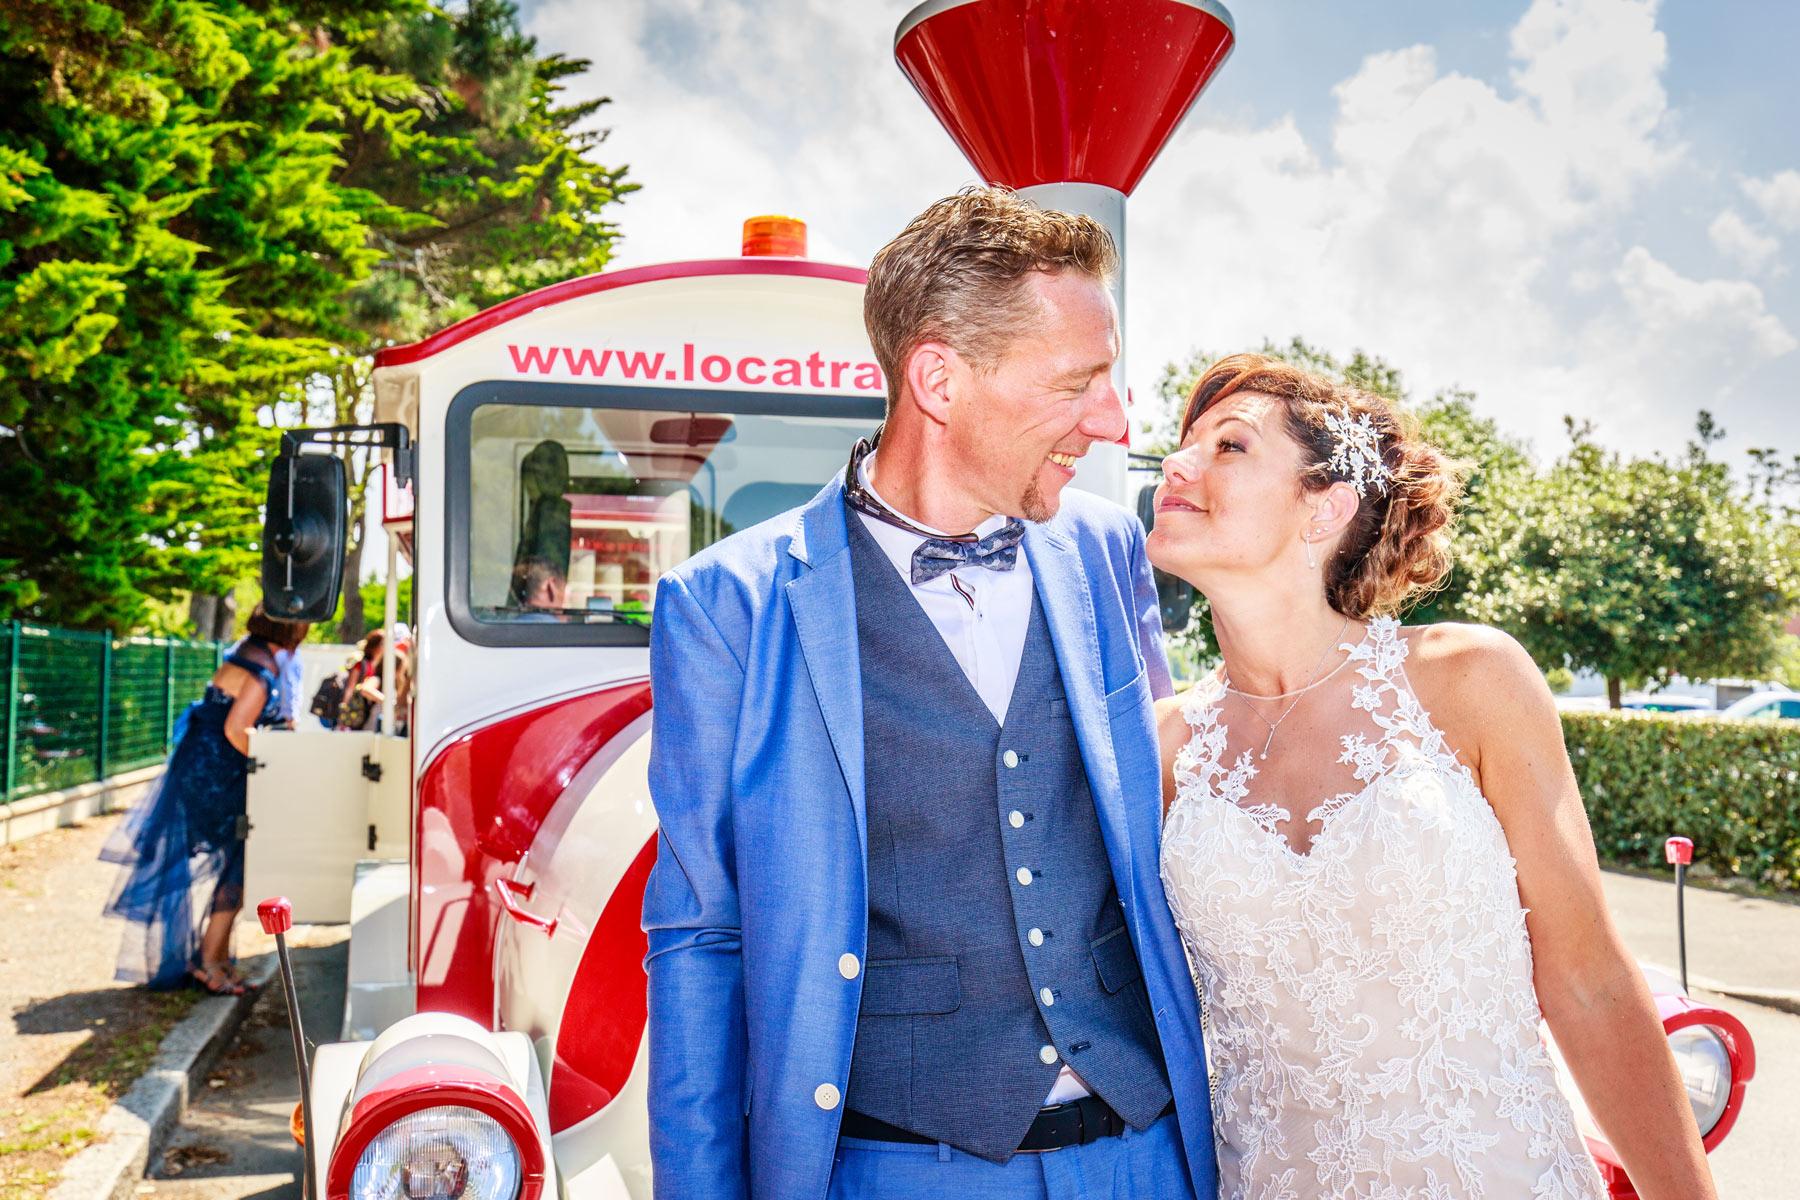 Reportage photo de mariage  Ile de Houat  , photographe56 , photographe nils dessale